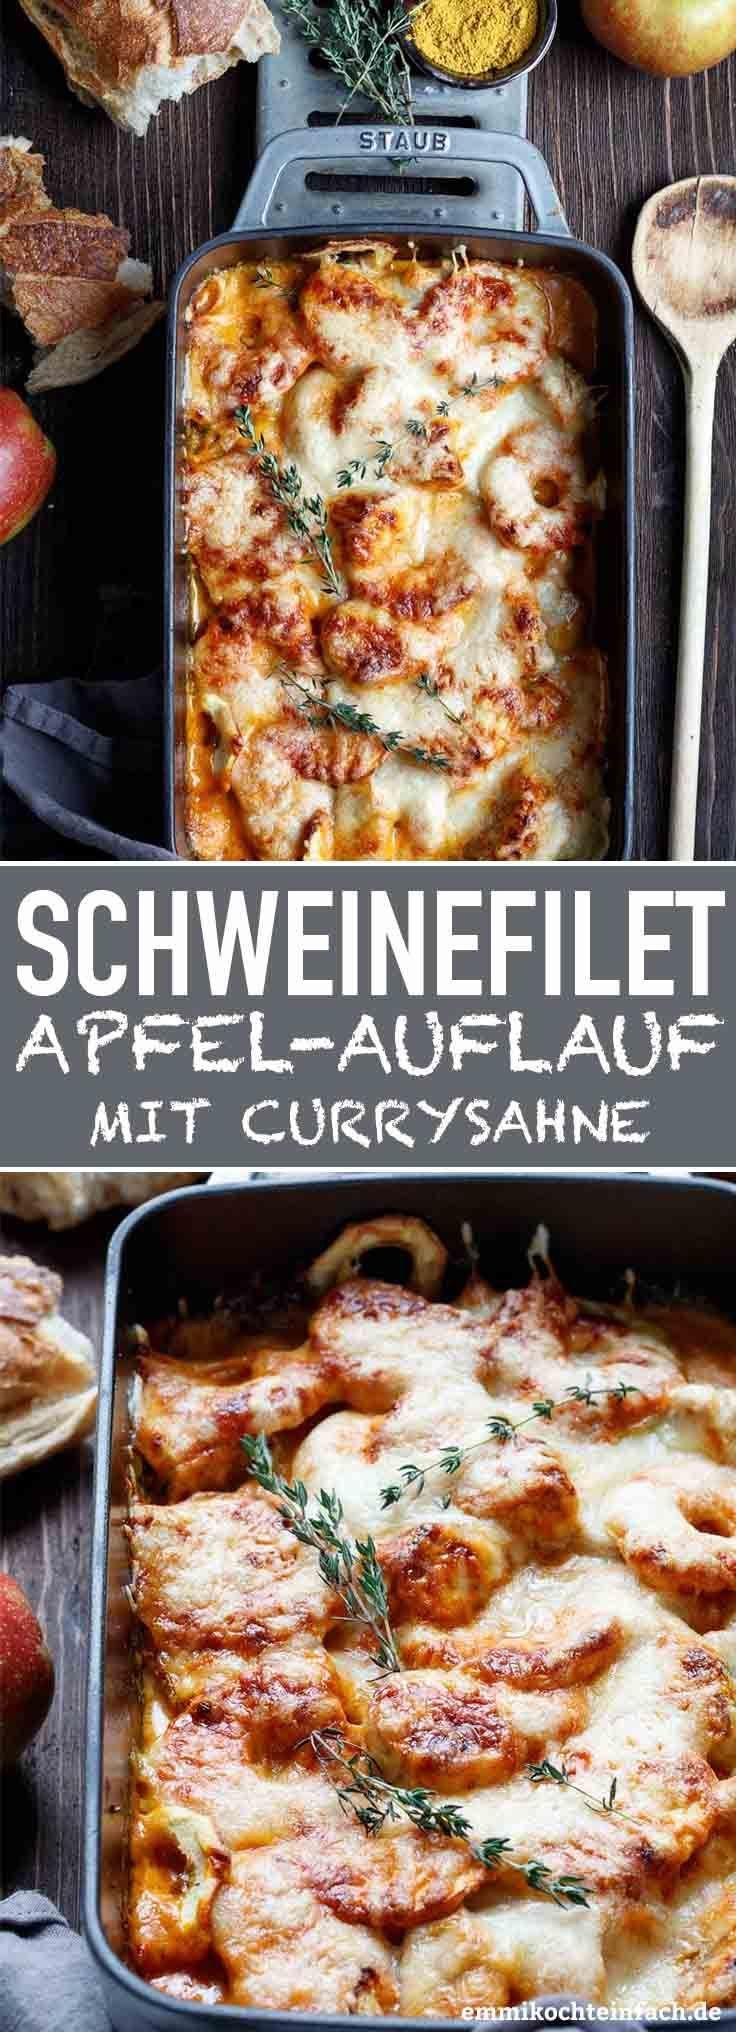 Gratinierter Schweinefilet-Apfel-Auflauf mit Currysahne #herbstgerichte